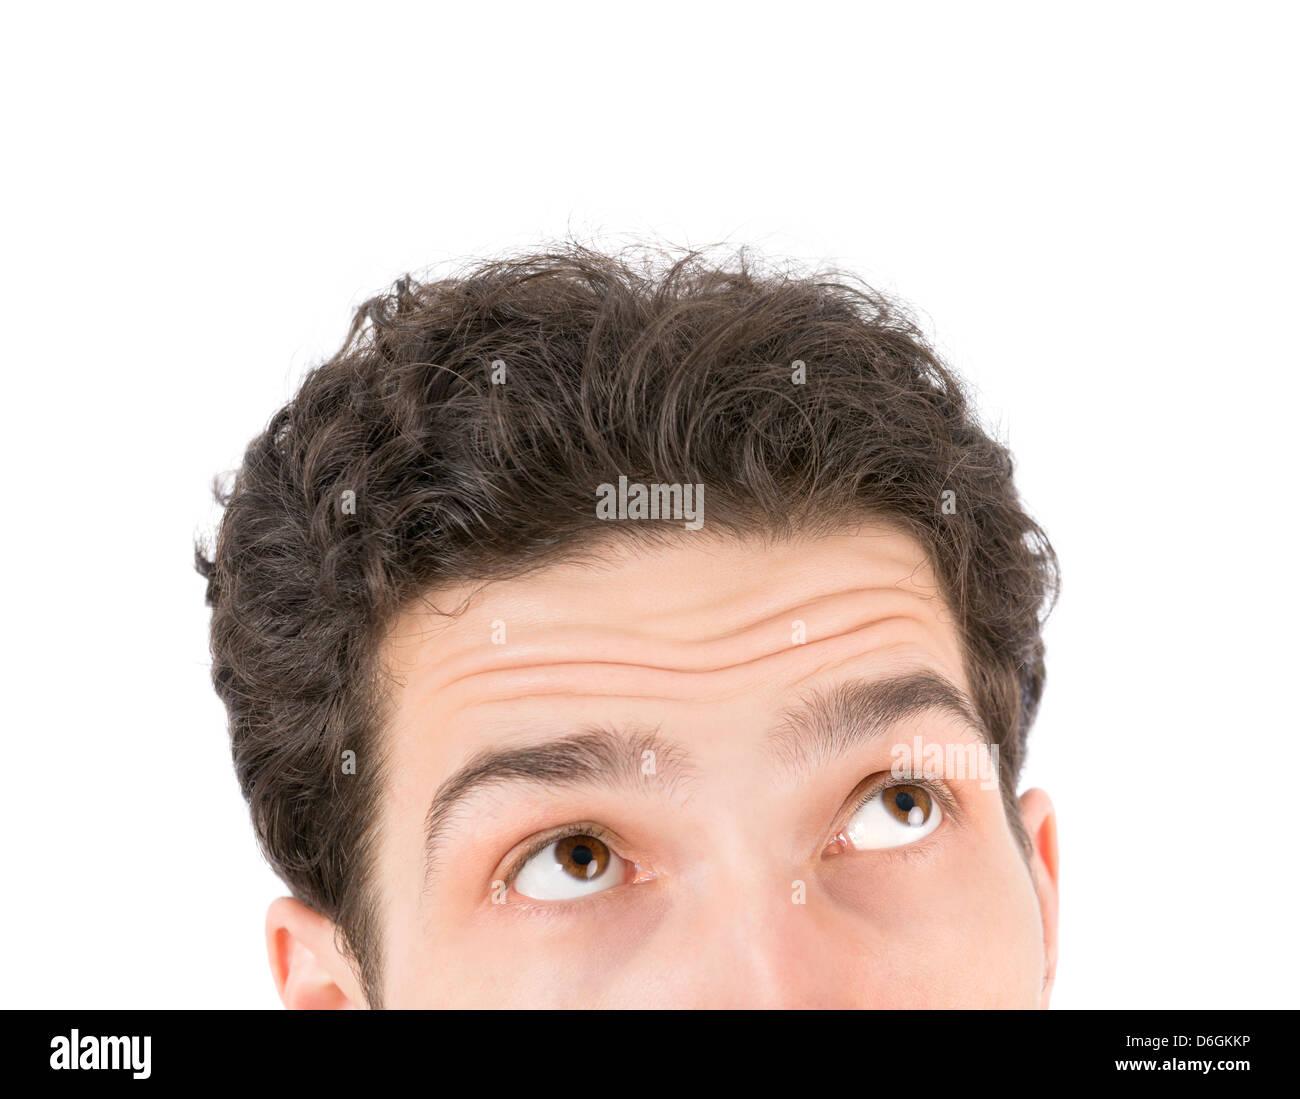 Retrato de un joven apuesto hombre mirando hacia arriba. Aislado sobre fondo blanco. Imagen De Stock